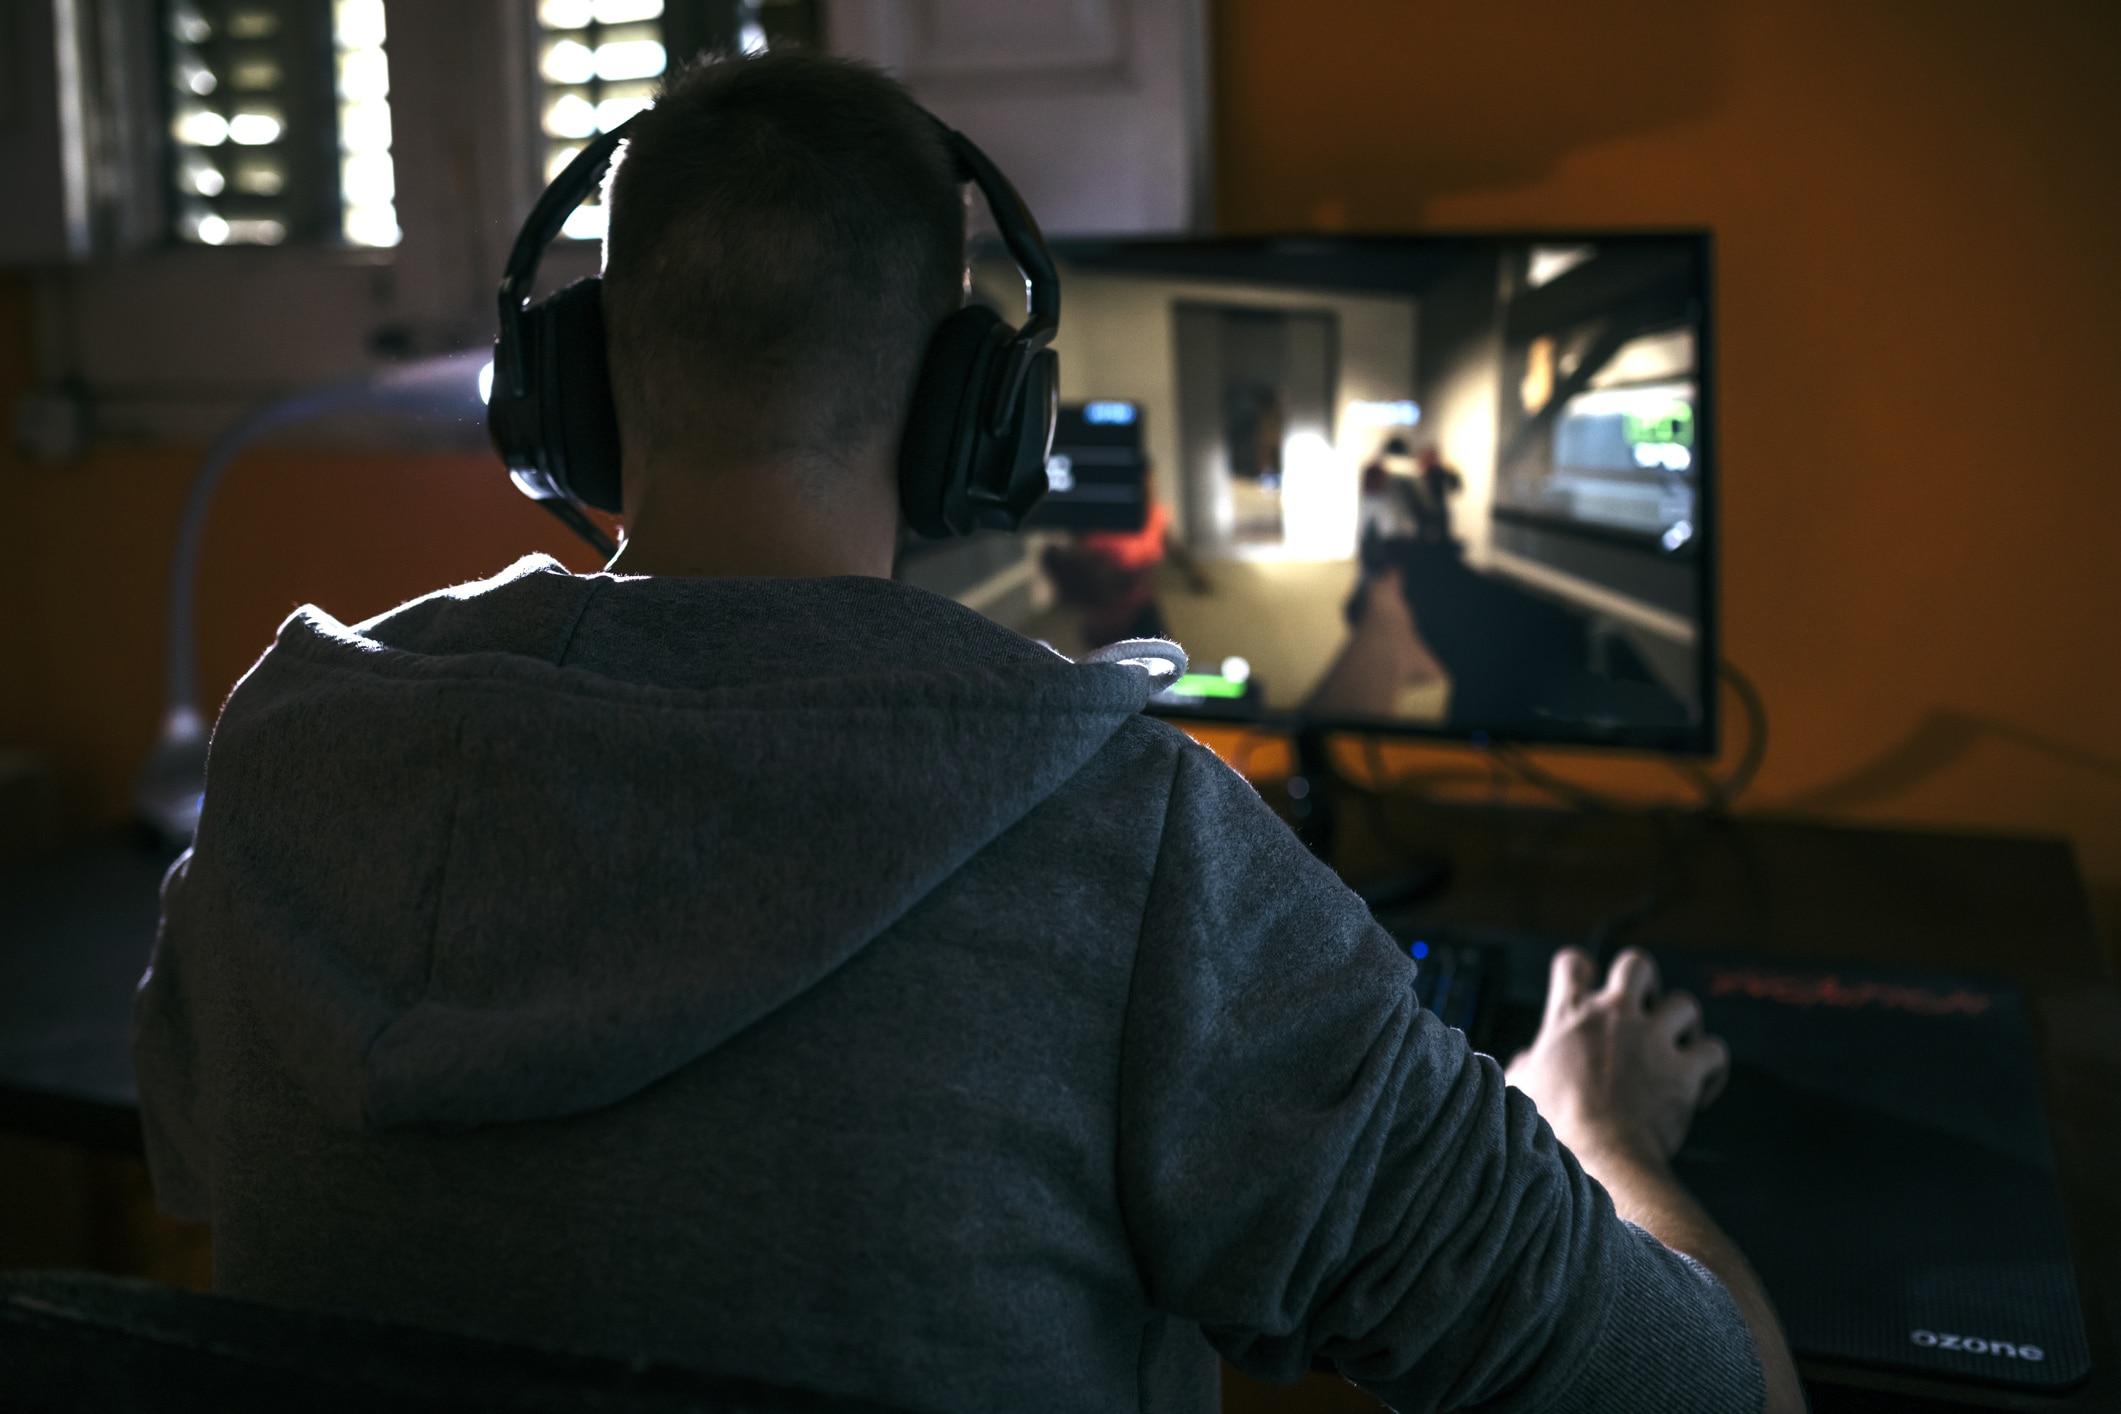 G-sync vs FreeSync - Gaming Monitors